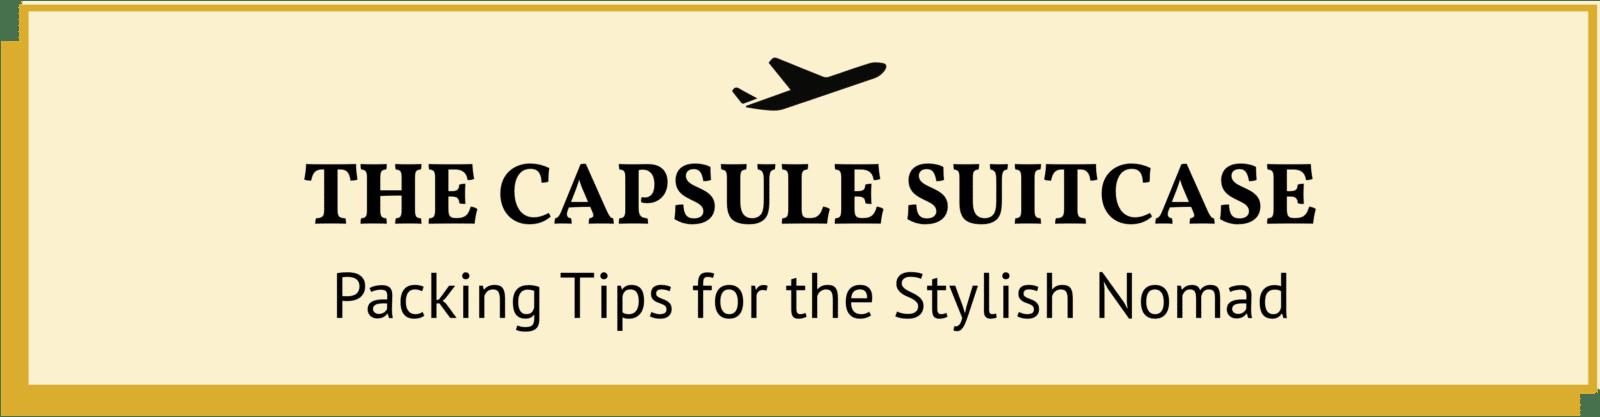 capsule-suitcase-logo